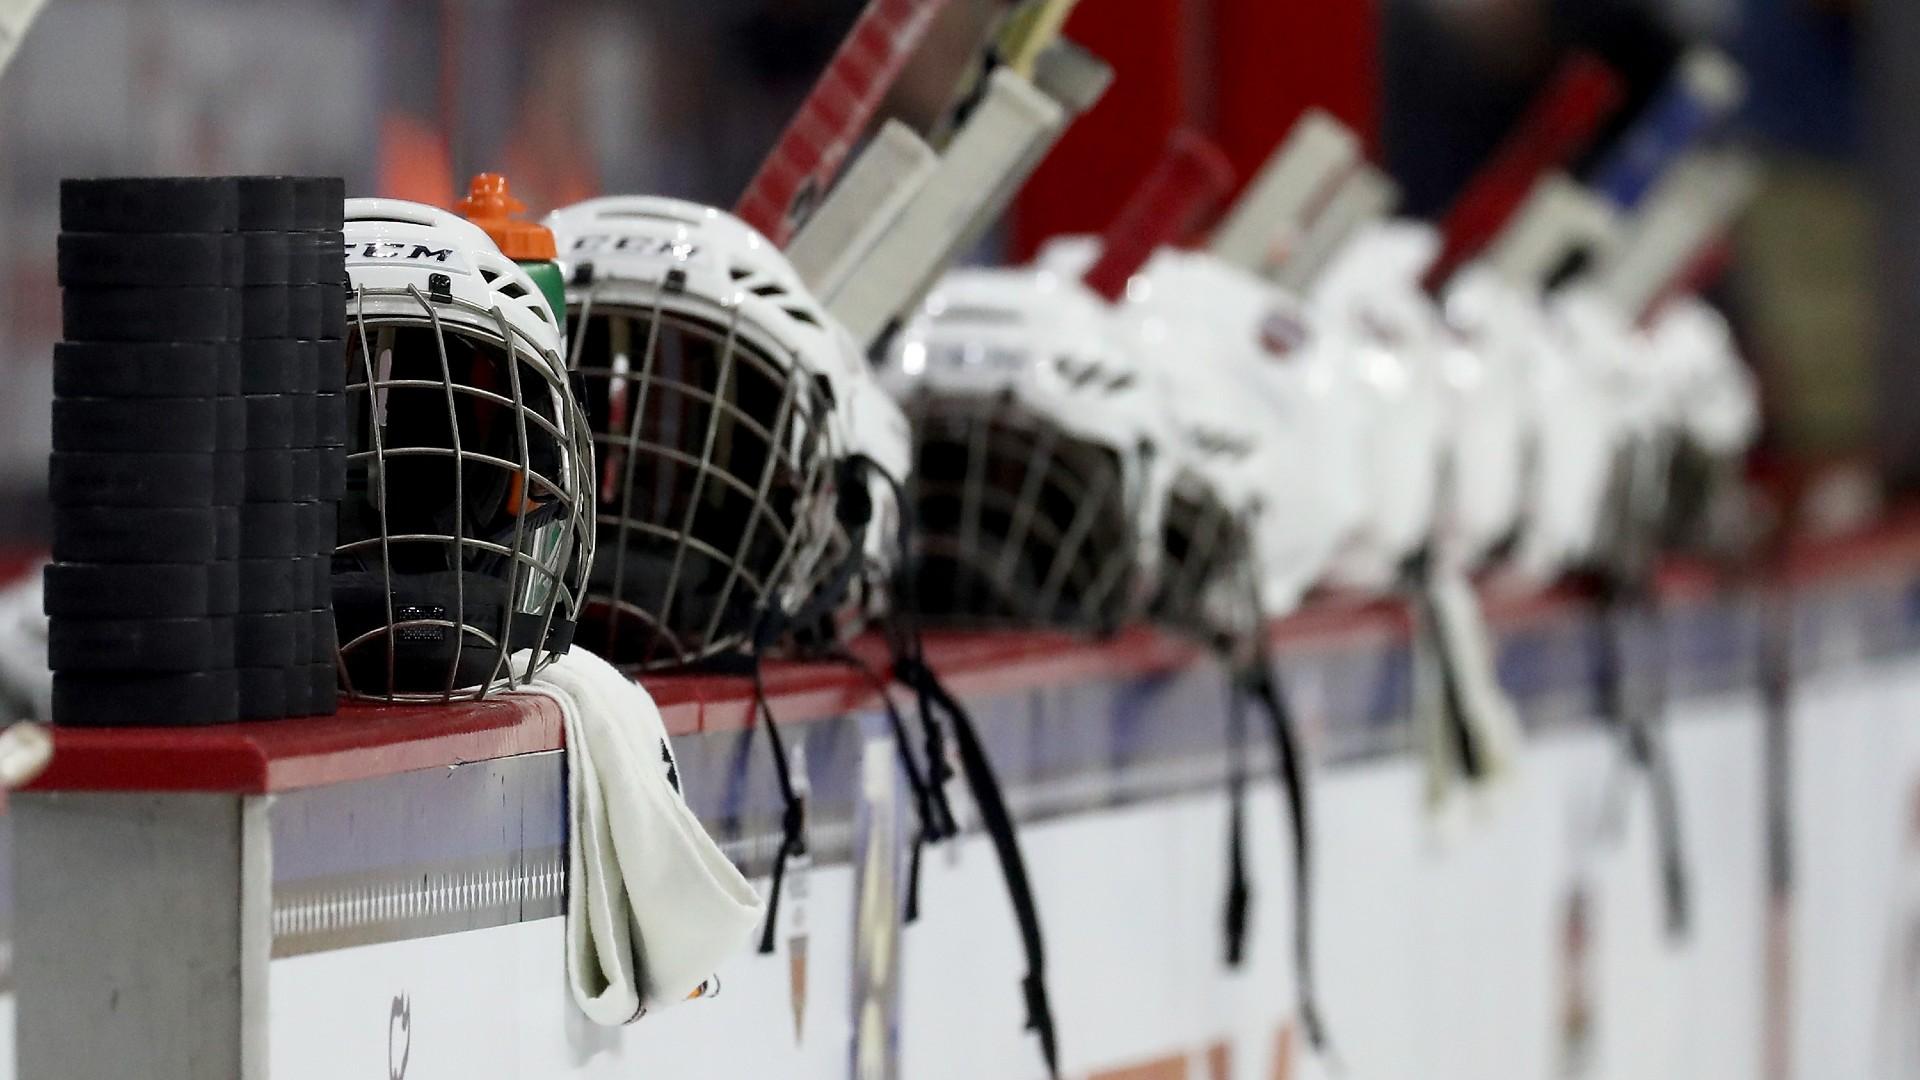 Hockey-040621-getty-ftrjpeg_j5n549zqxnmn1h2ui1us5ip8y